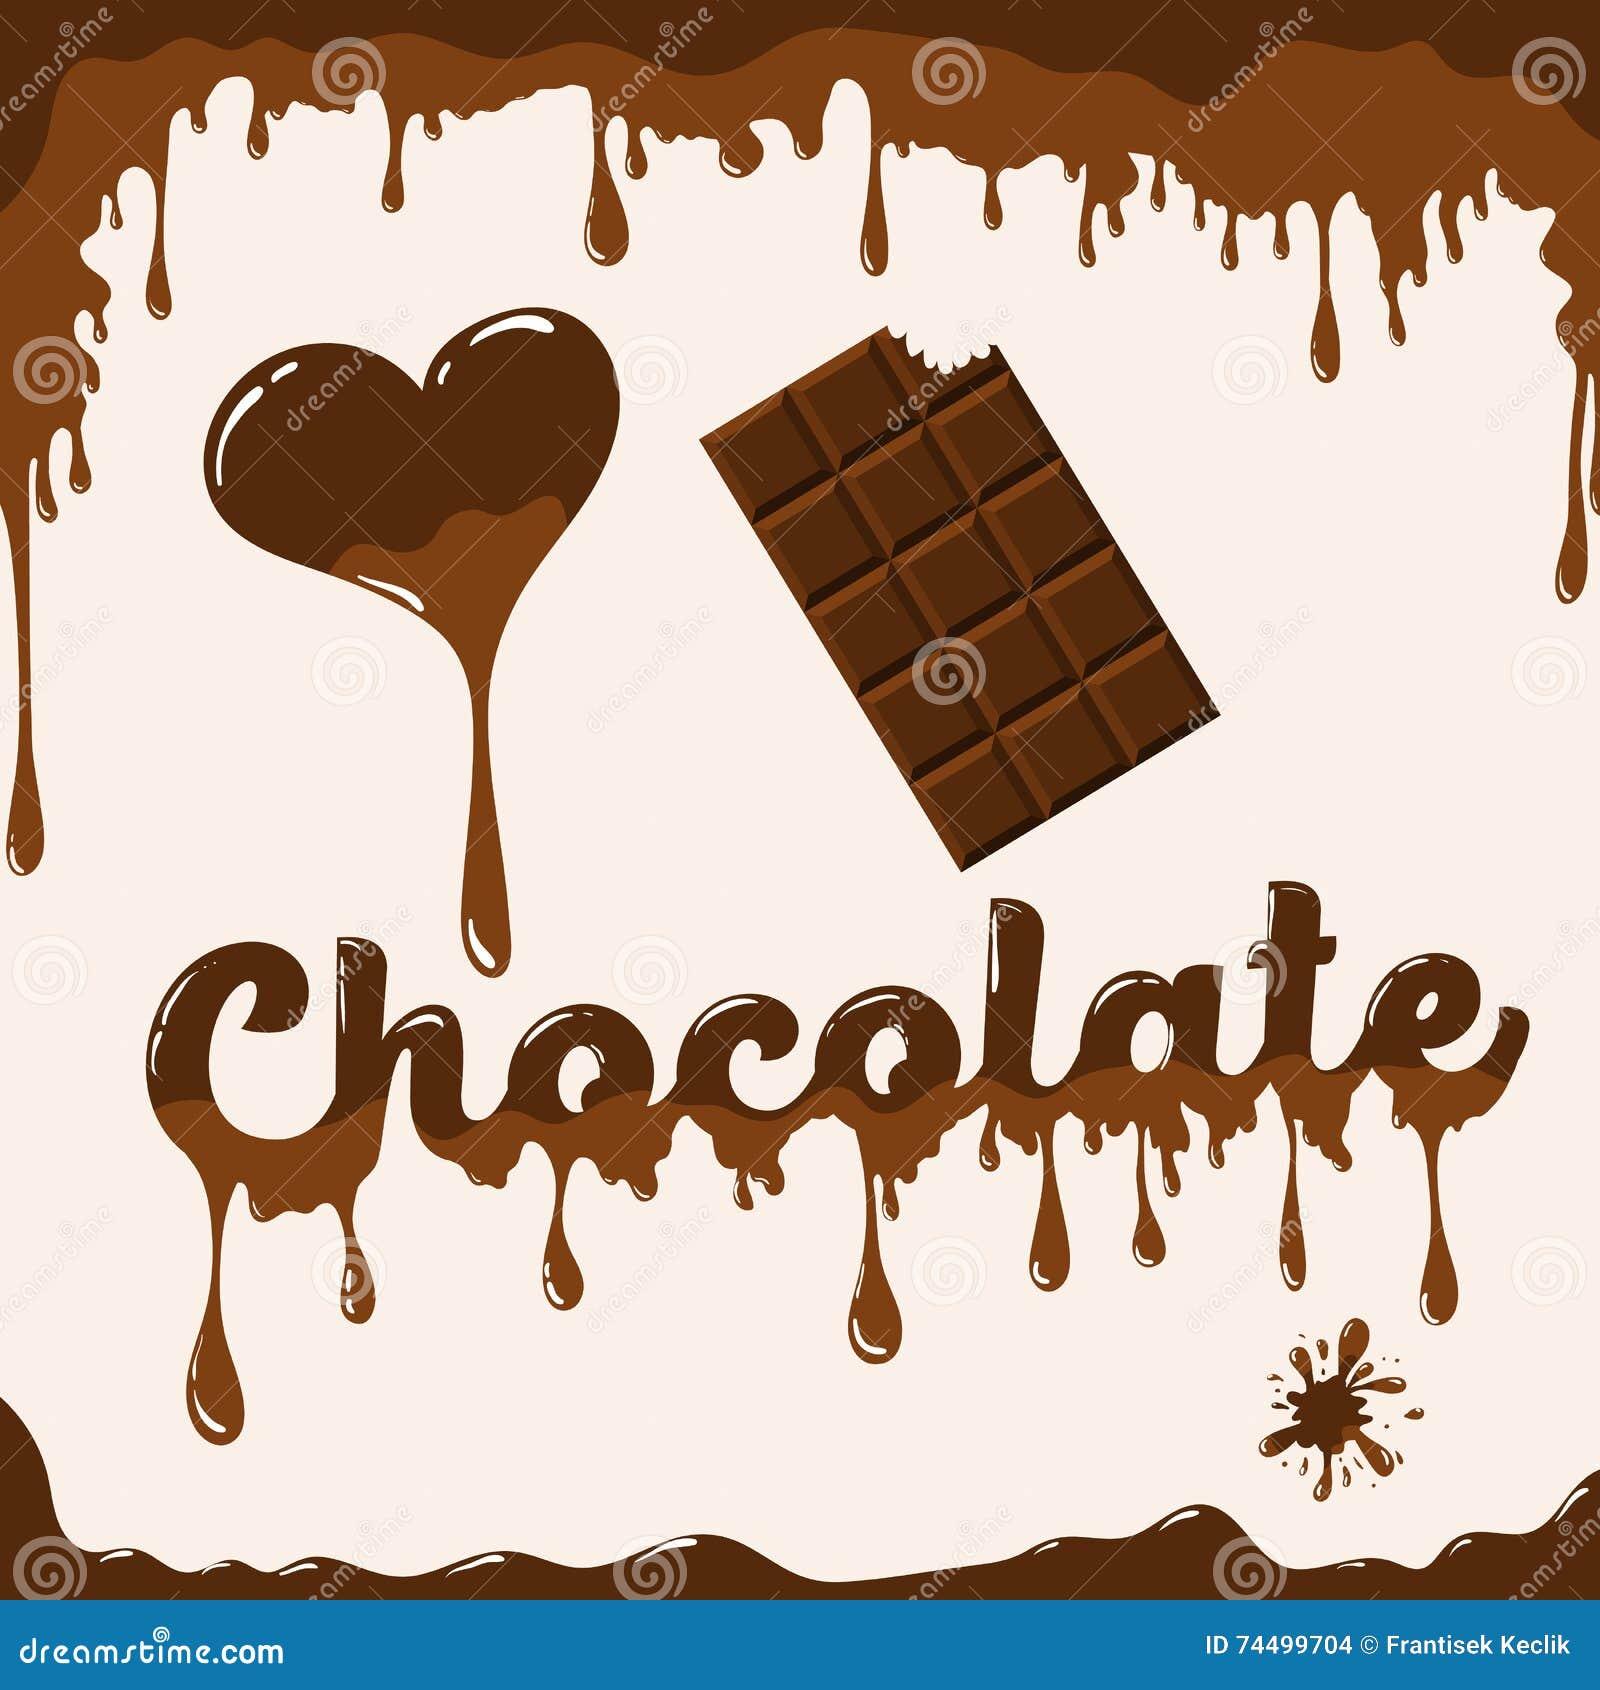 Года, картинки с шоколадкой с надписями